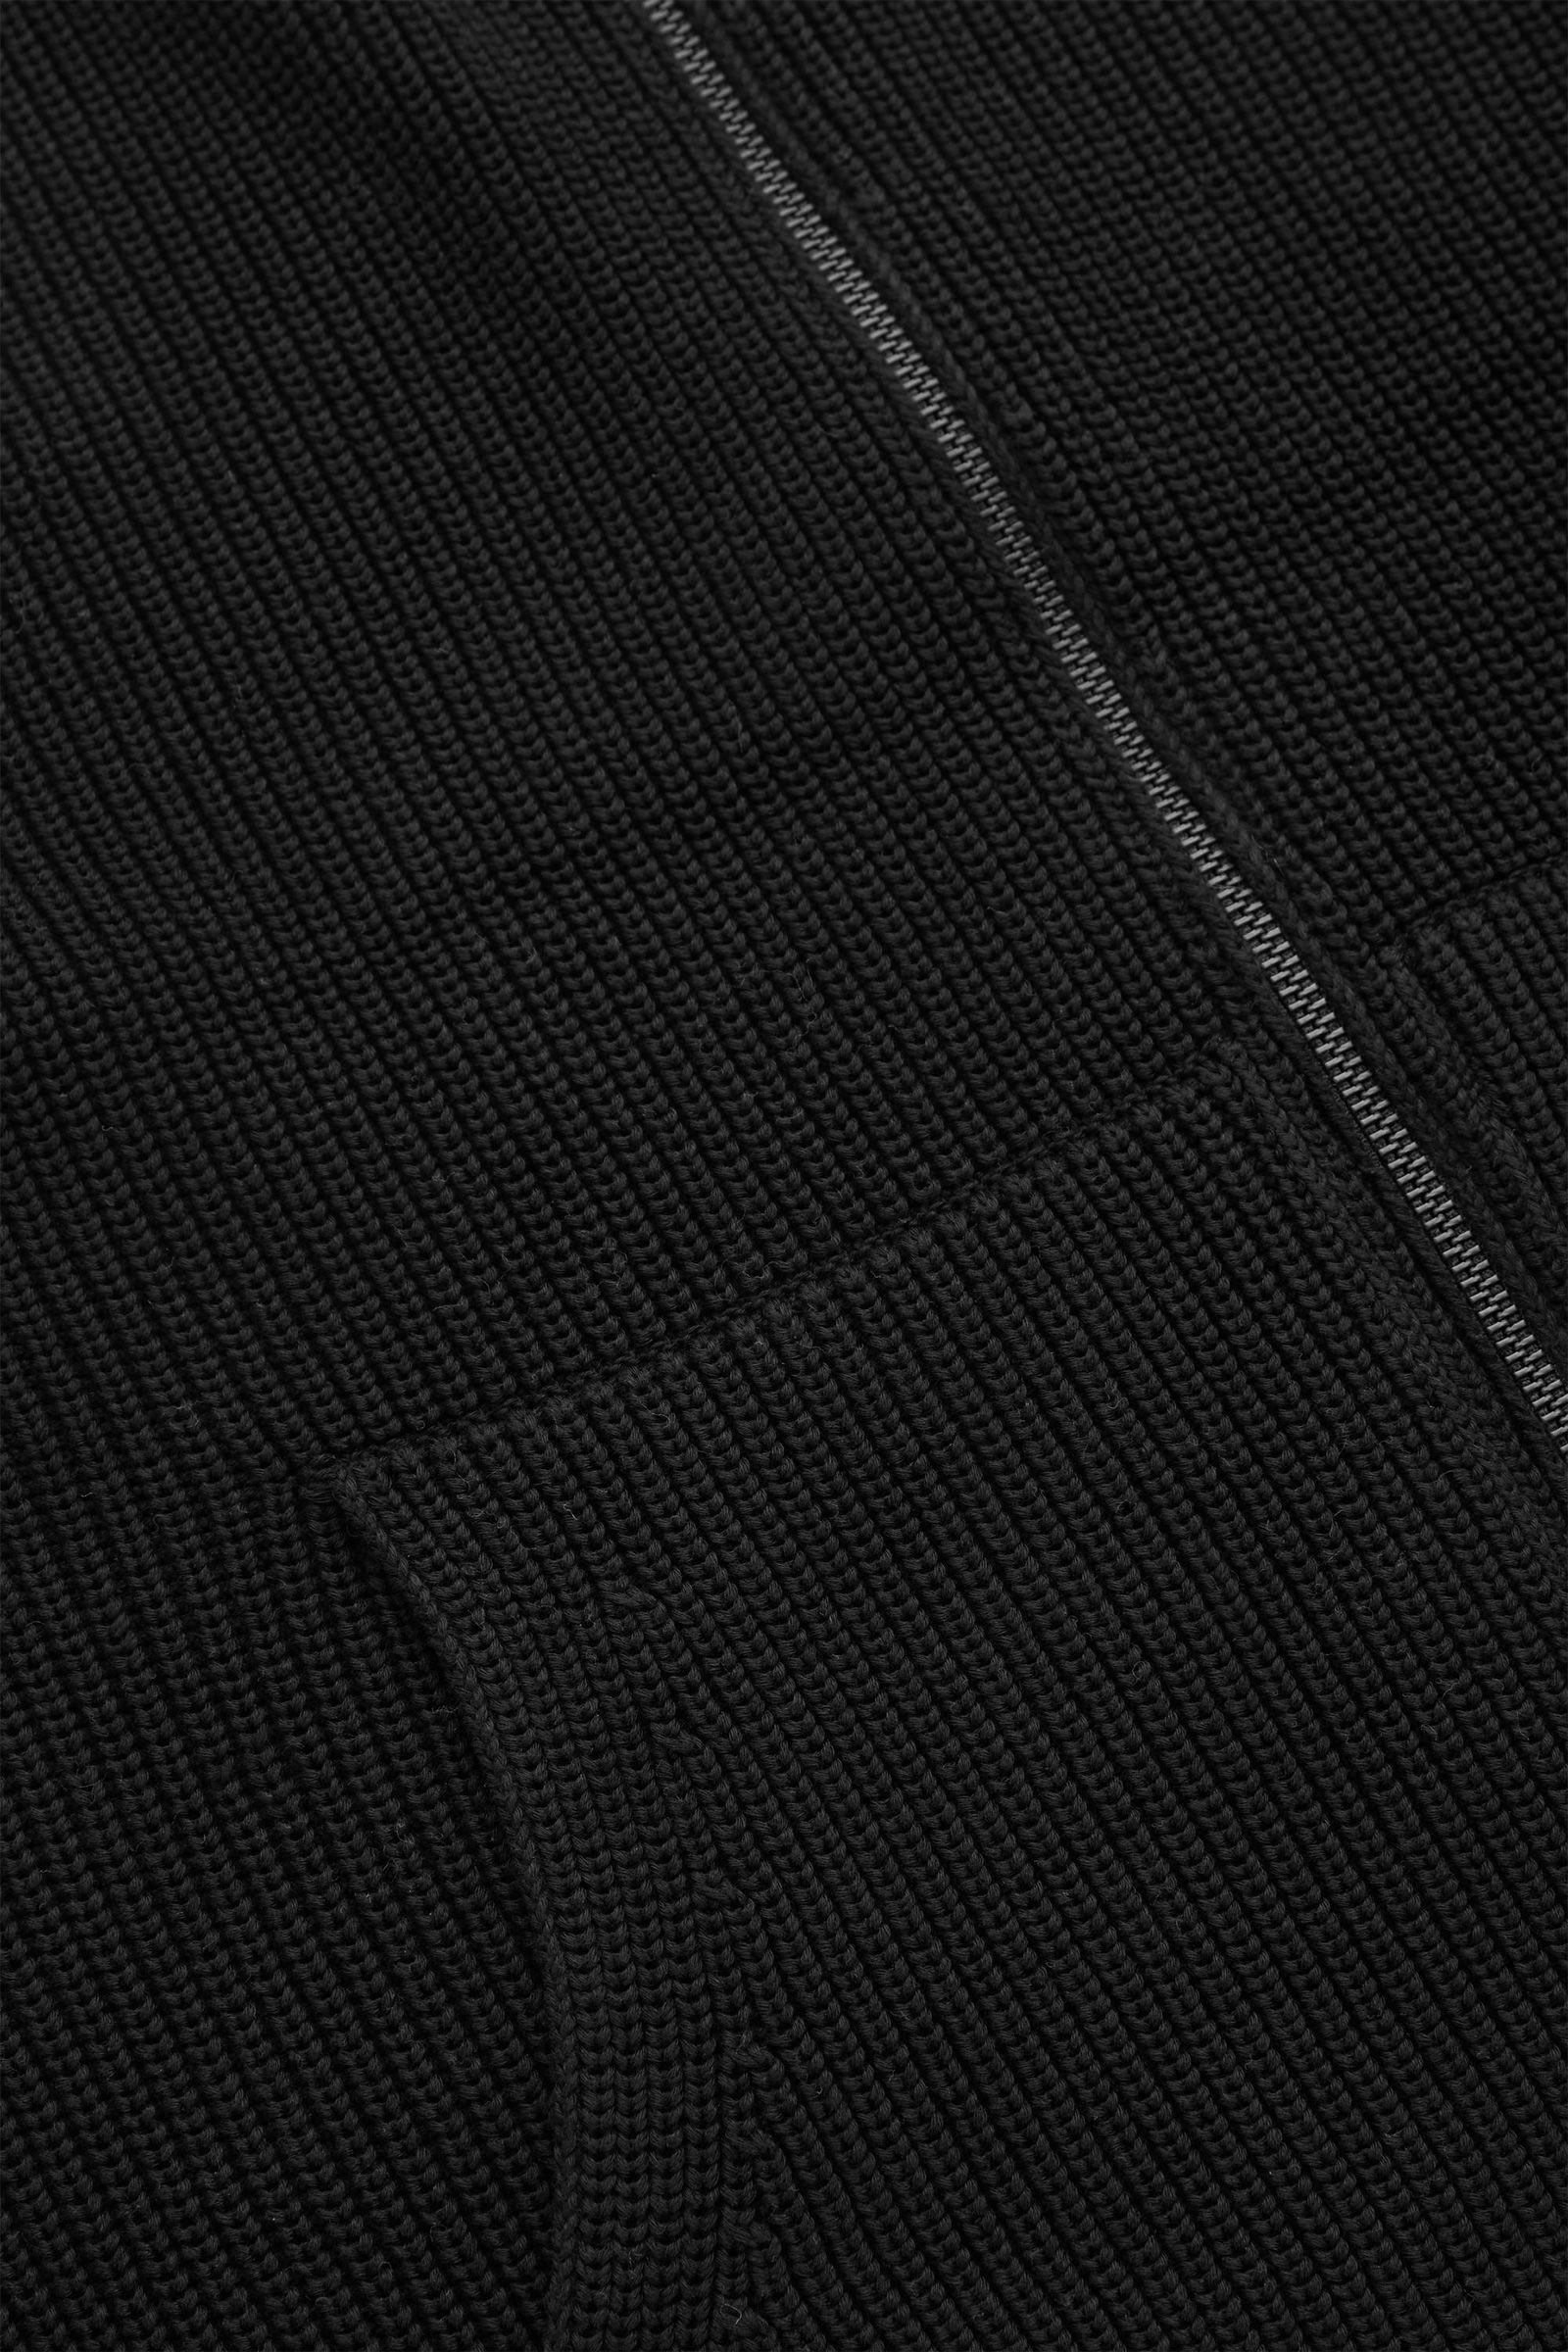 COS 니티드 집업 질레의 블랙컬러 Detail입니다.